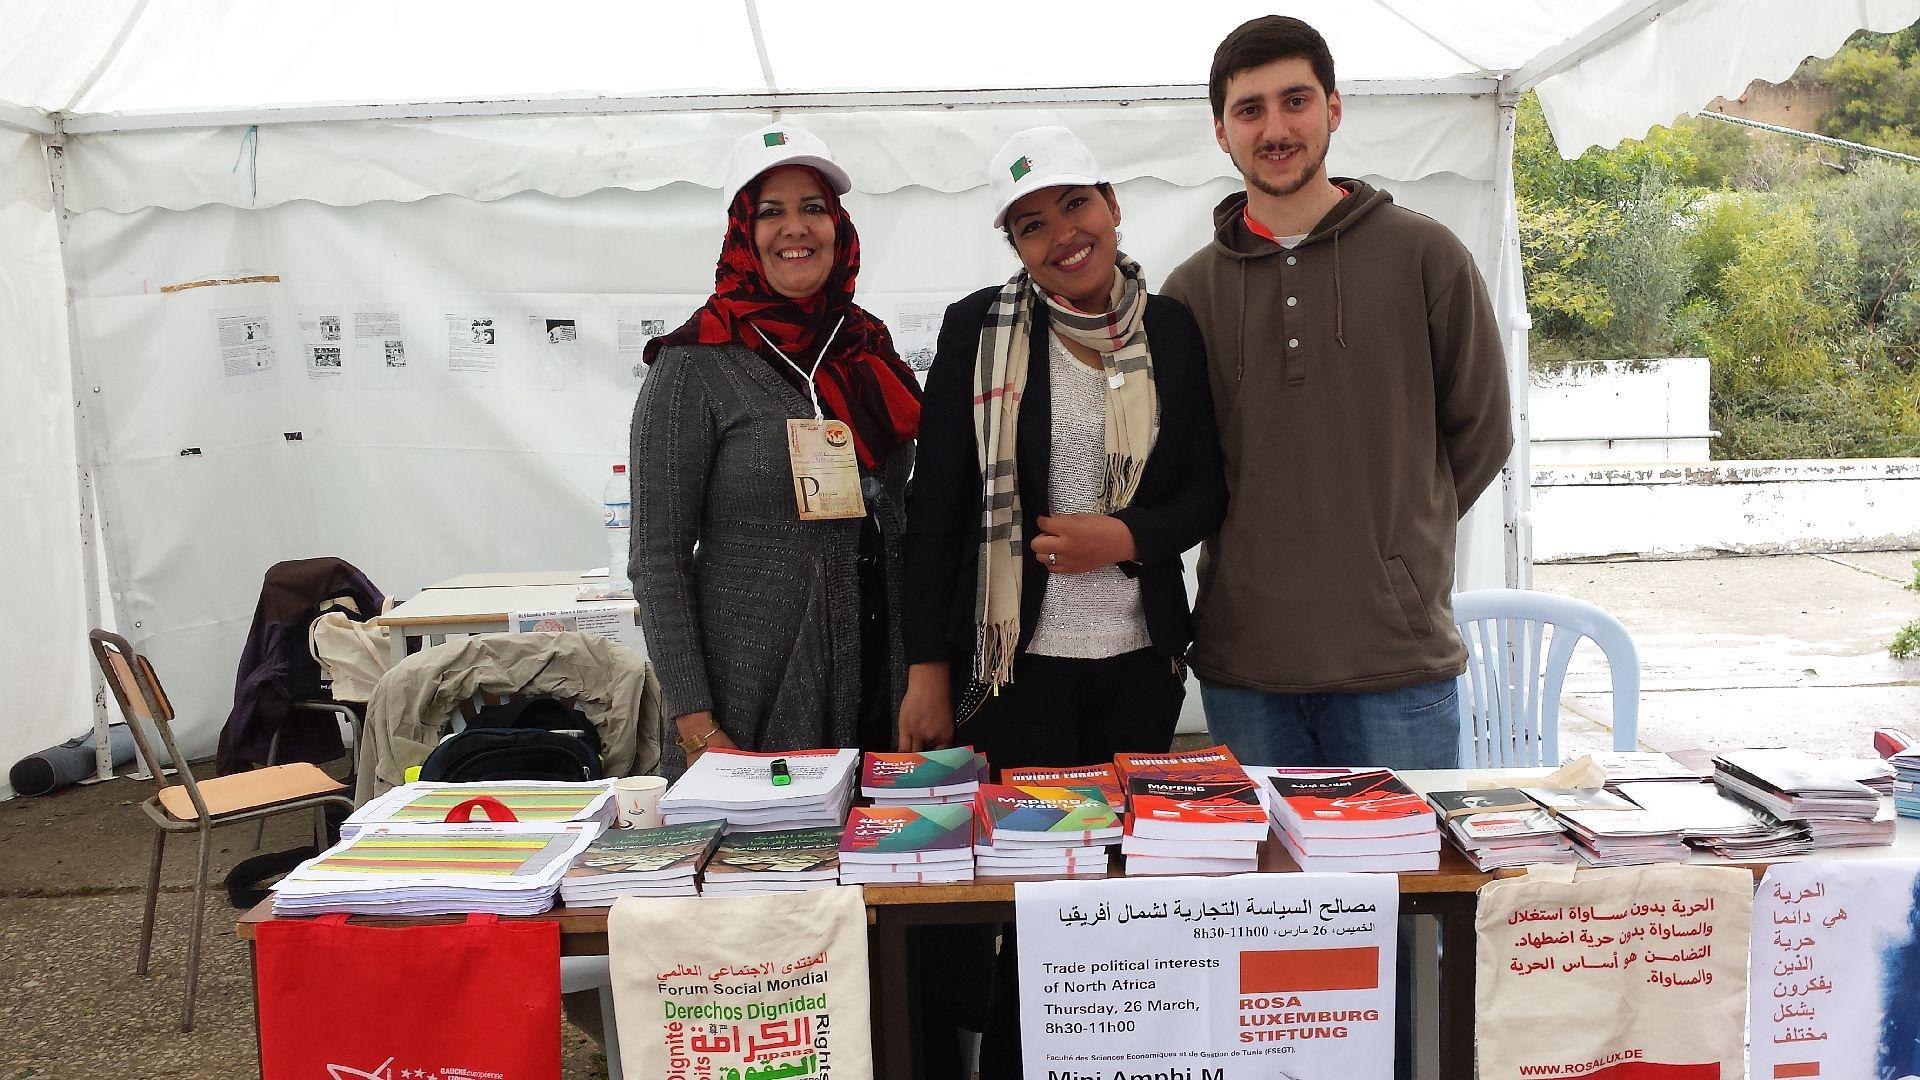 Weltsozialforum 2015 in Tunis